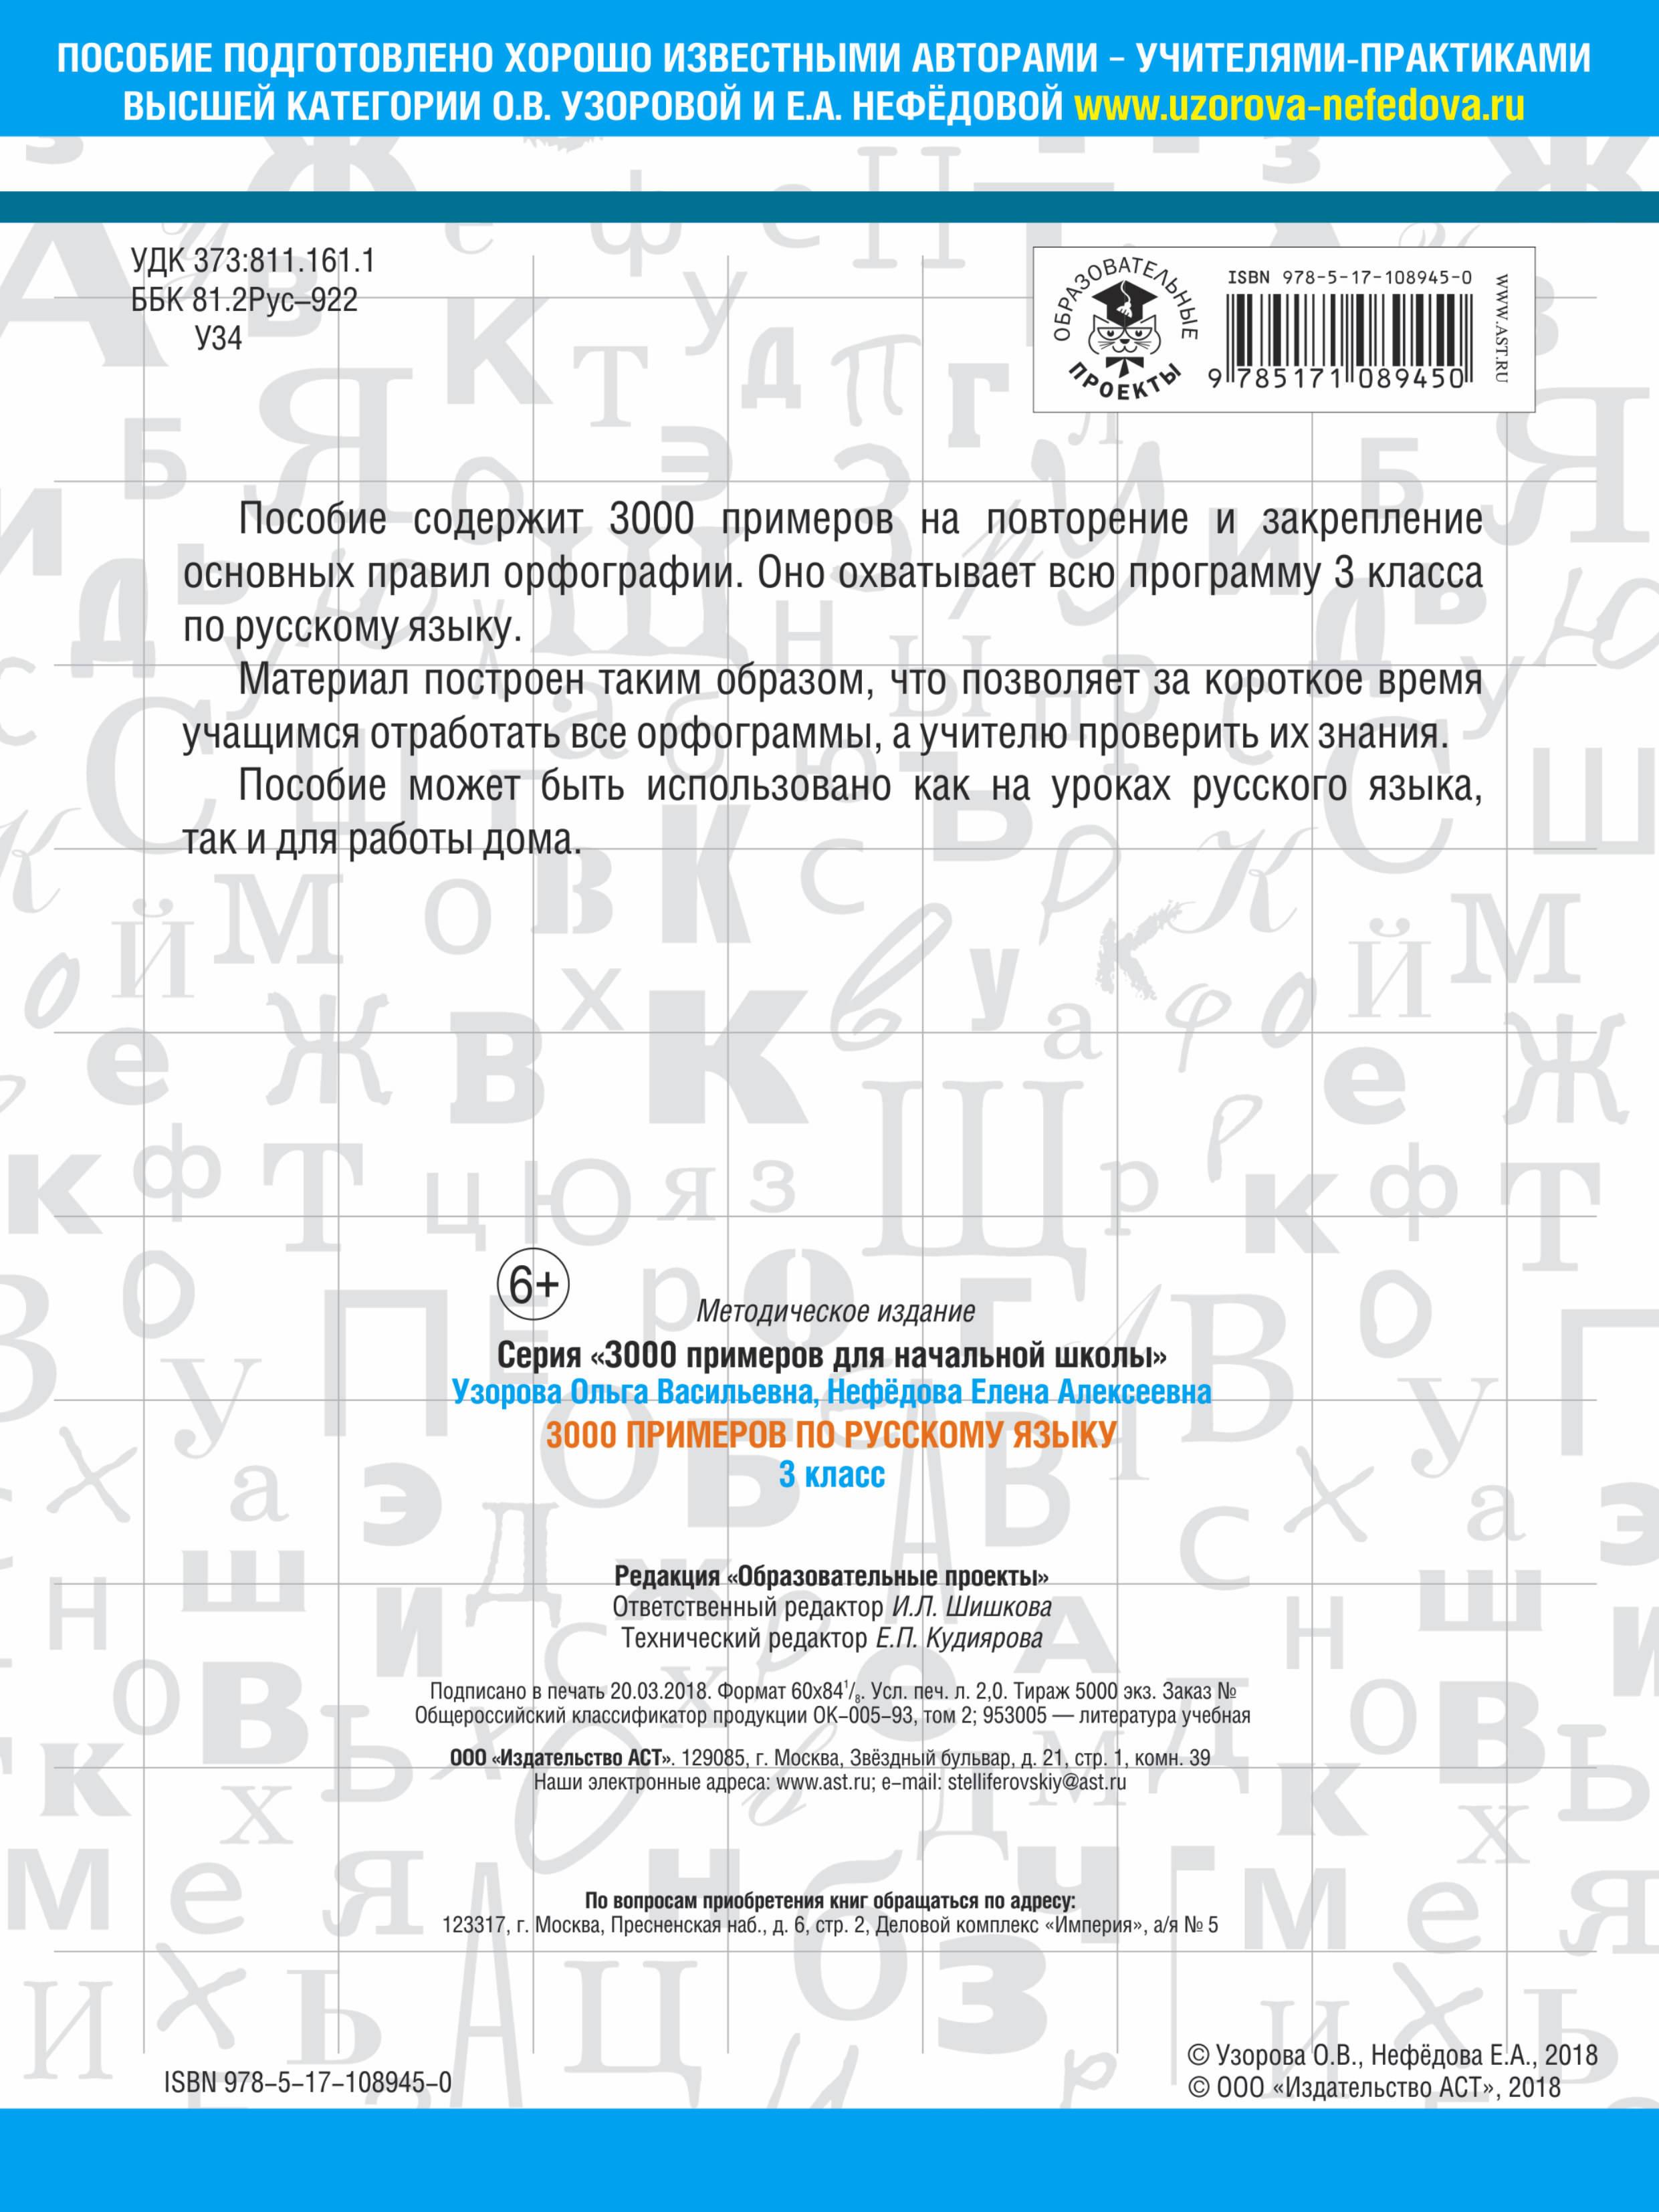 О. В. Узорова, Е. А. Нефедова. 3000 примеров по русскому языку. 3 класс